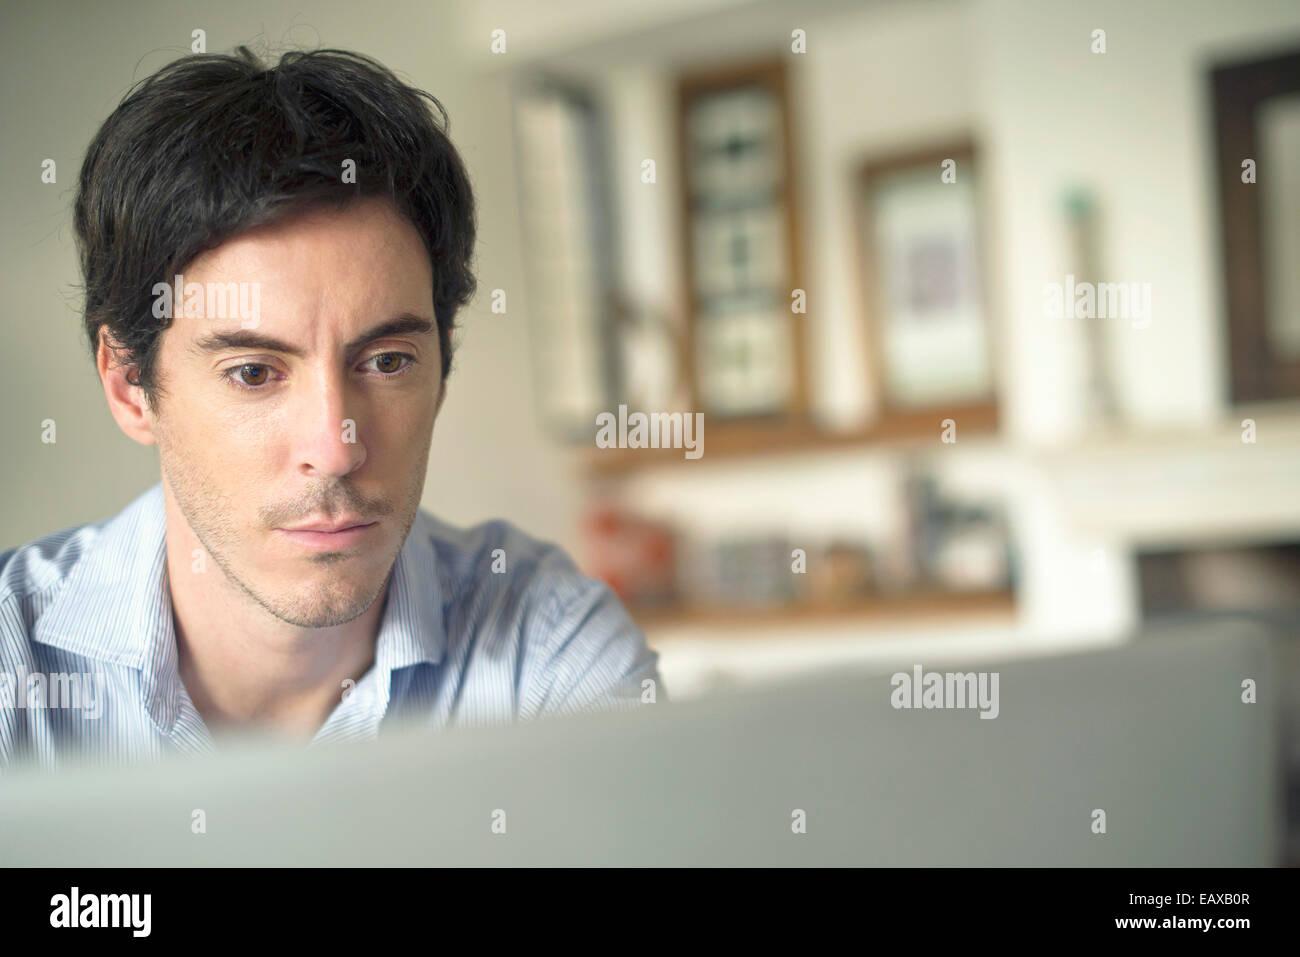 L'homme regardant l'ordinateur portable Photo Stock